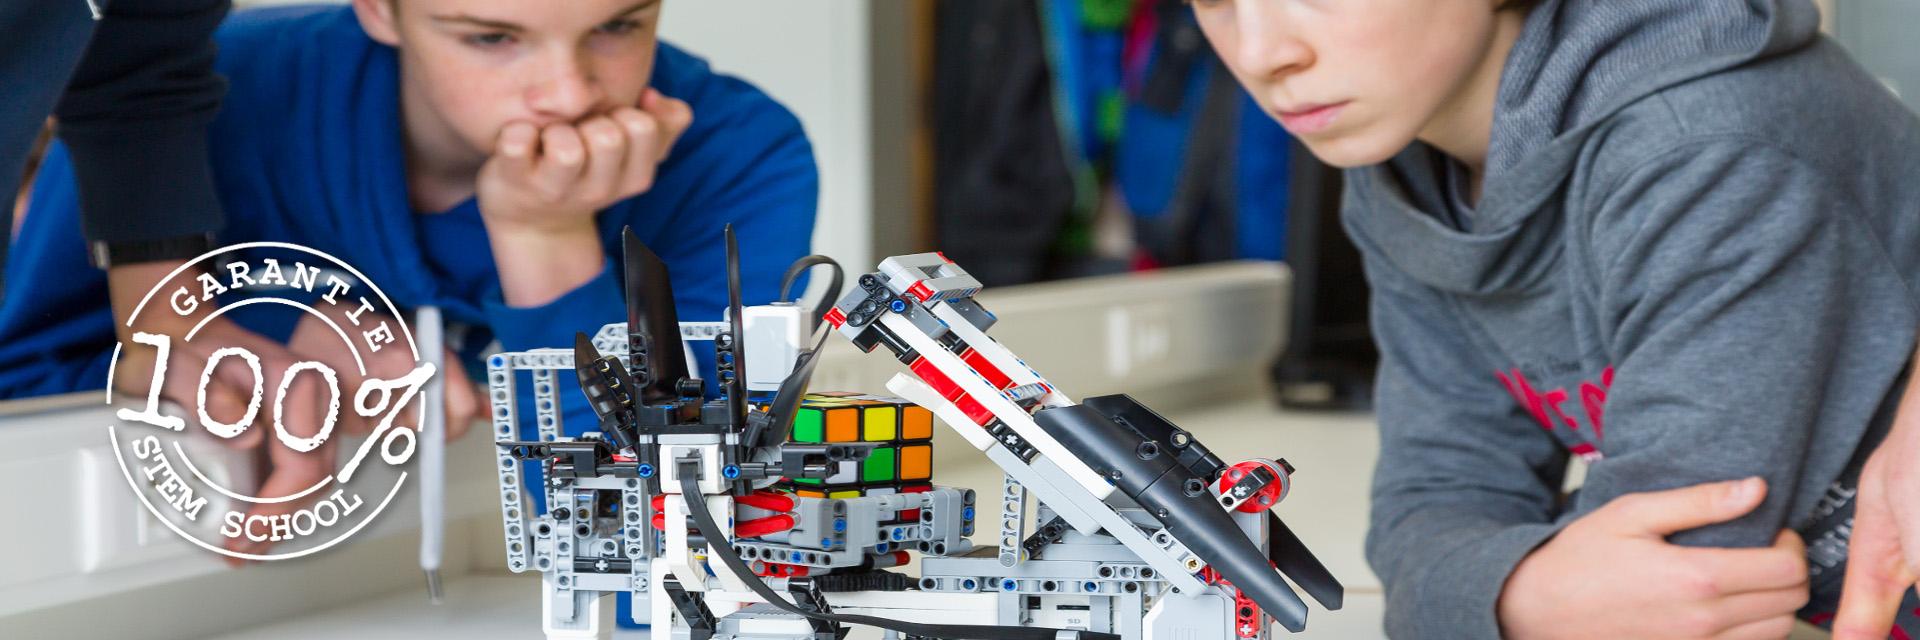 Dé referentie in de regio voor 100% STEM-onderwijs!